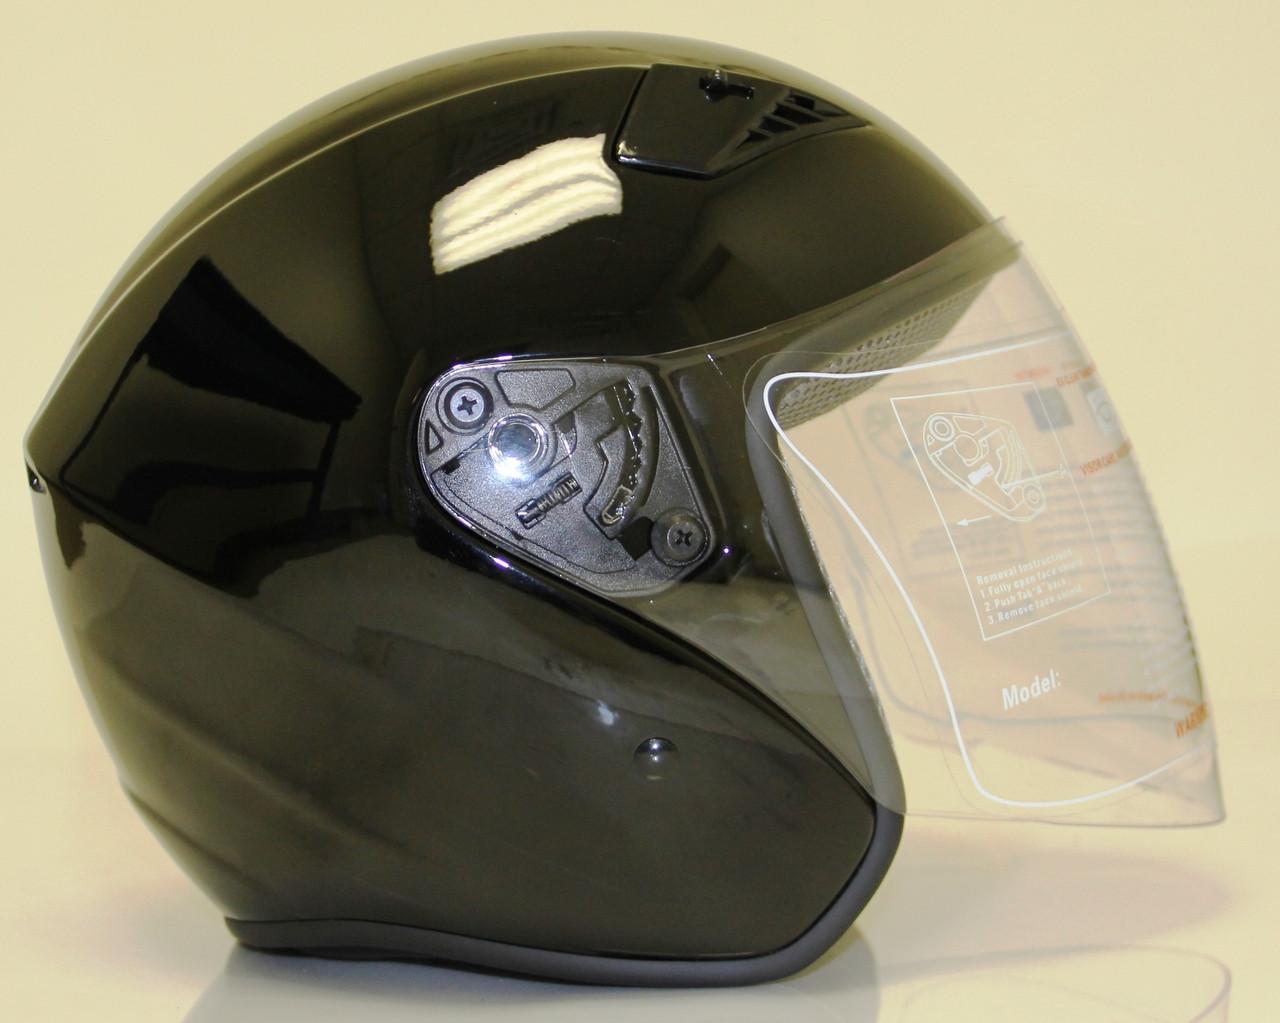 4e77d798 DOT ¾ Shell RK5 Black Motorcycle Helmet with removable visor